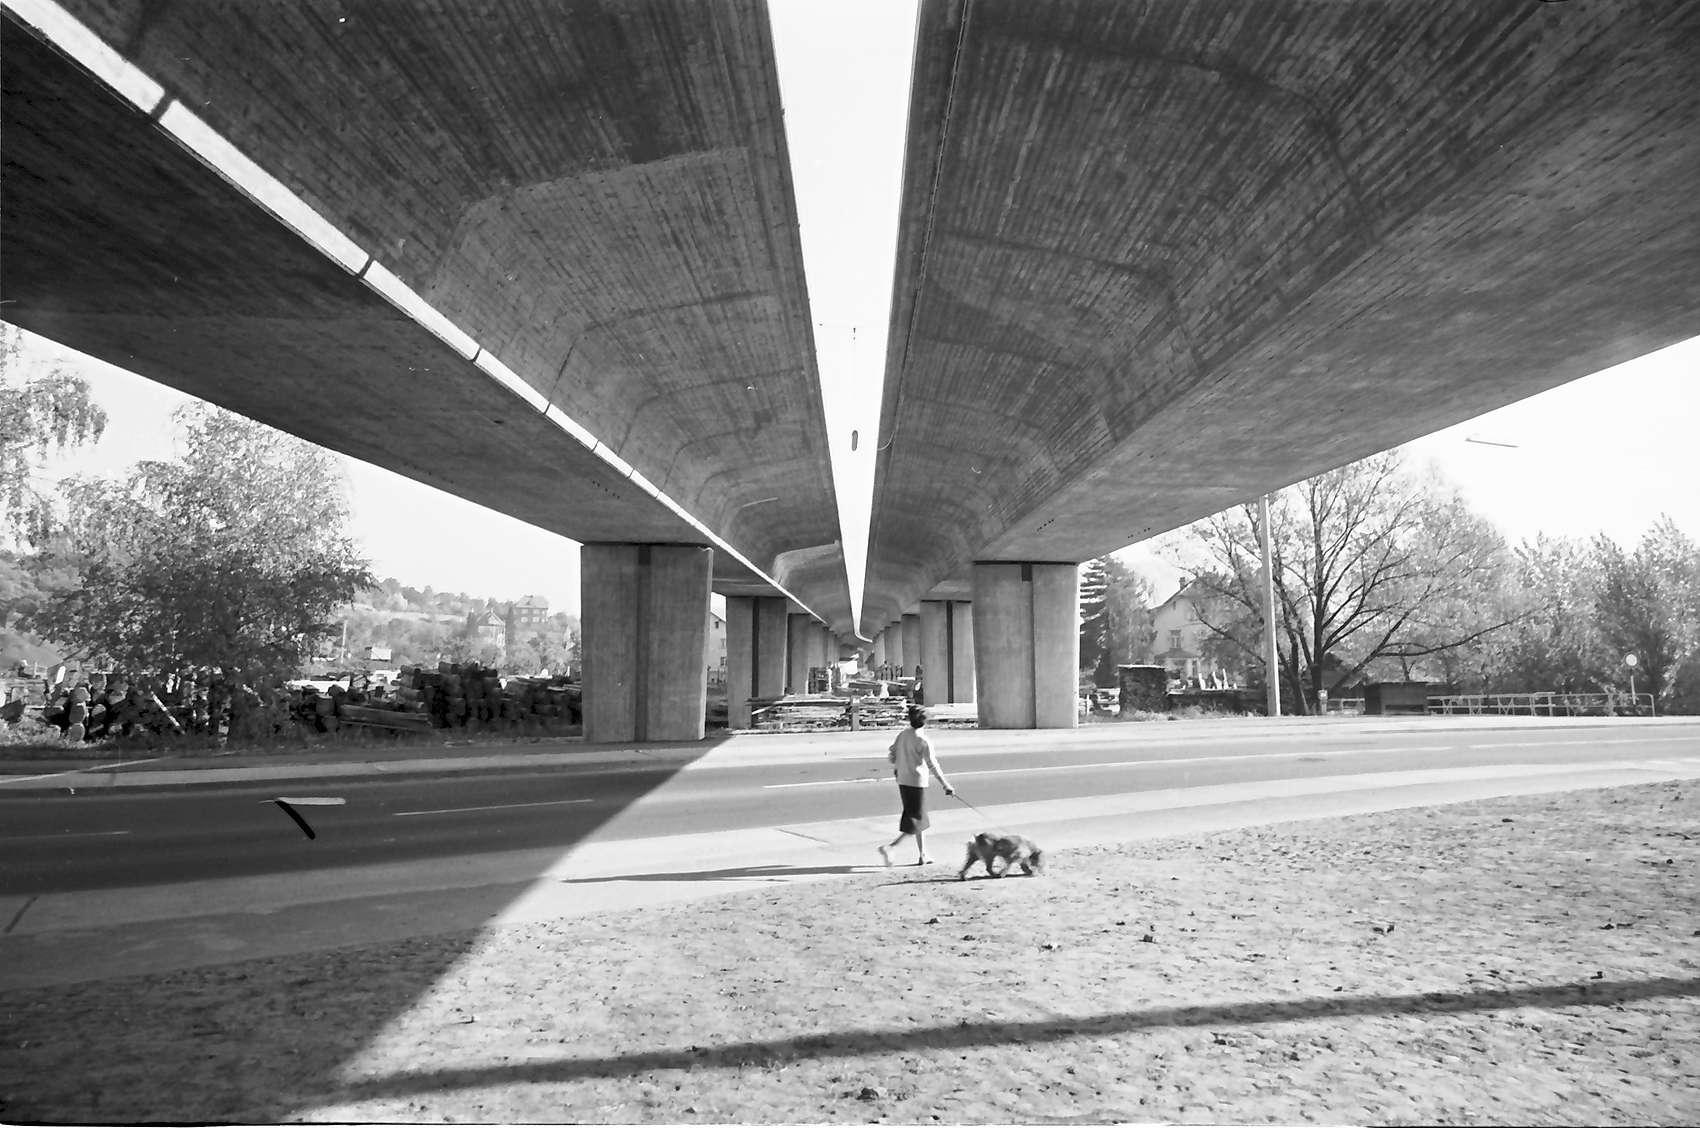 Baden-Oos: Autobahnzubringerrampe; Stützen der Rampe (unten), Bild 1